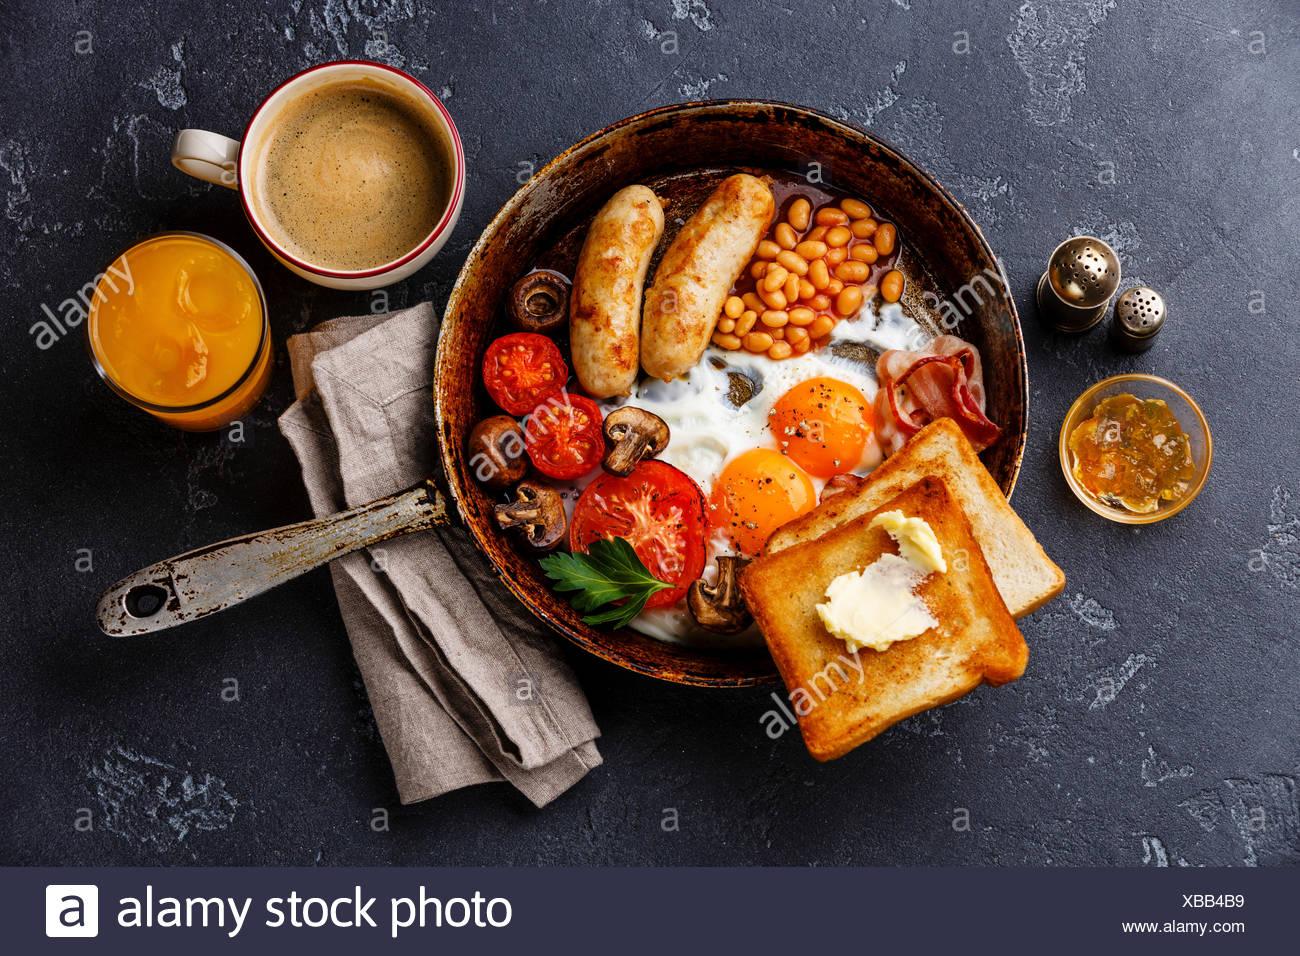 Petit-déjeuner anglais dans la casserole avec les œufs, saucisses, bacon, haricots, des toasts et du café à l'arrière-plan en pierre sombre Banque D'Images